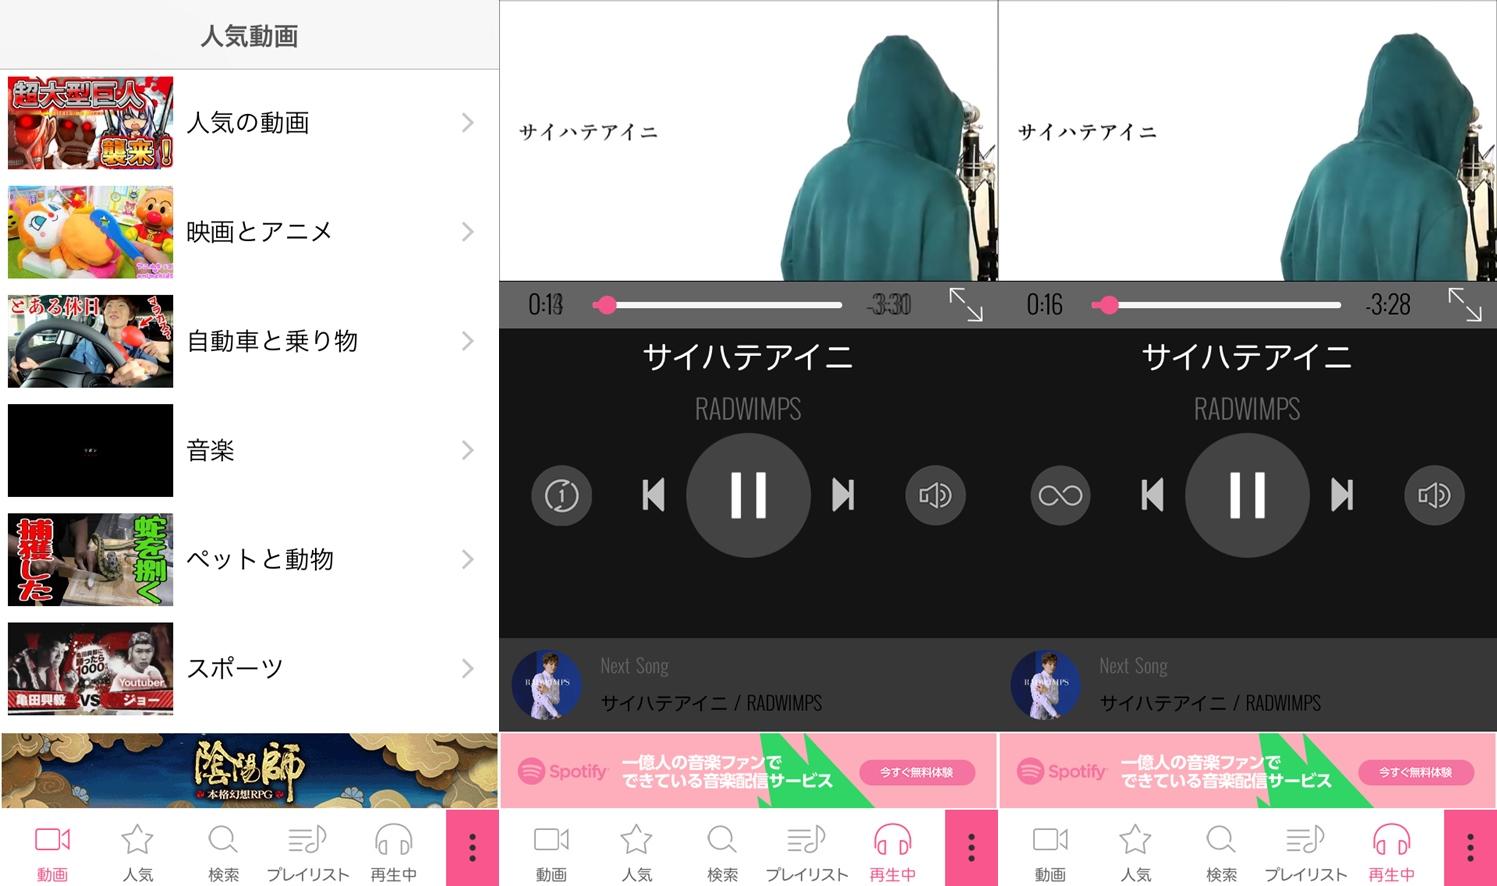 ClipTubeは音楽や動画を無限にリピート再生したり、1回だけリピート再生したりと選べる機能が備わっているYoutube再生アプリです。その他にもバックグラウンド再生が